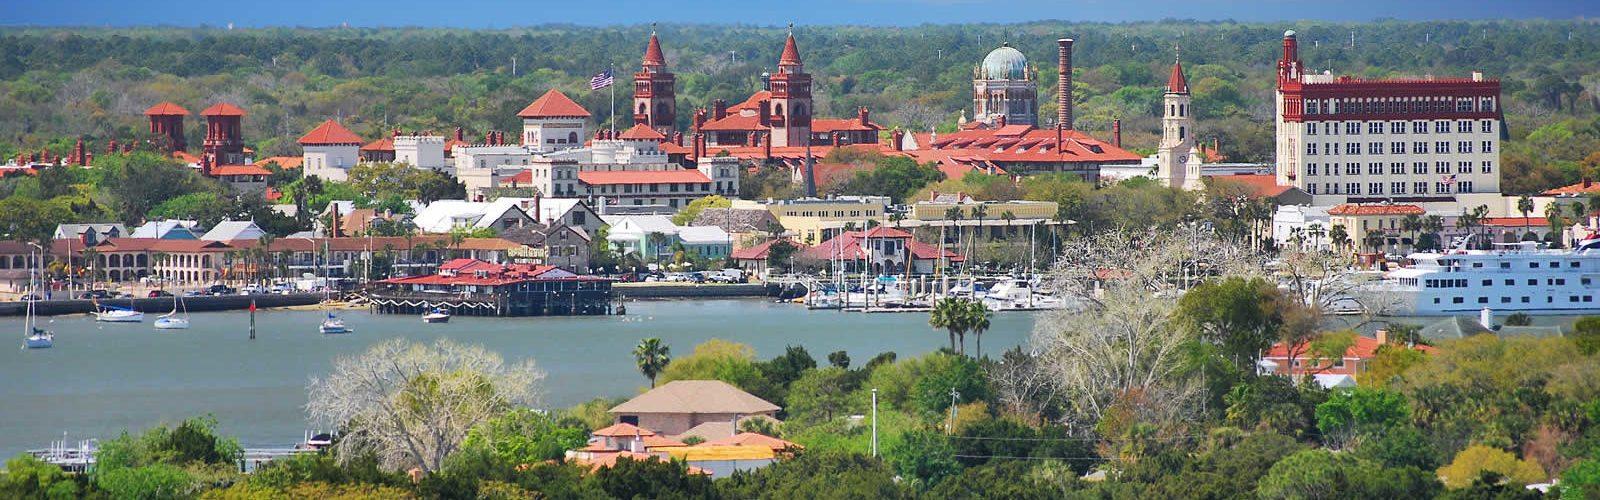 Visite Saint Augustine Floride Une